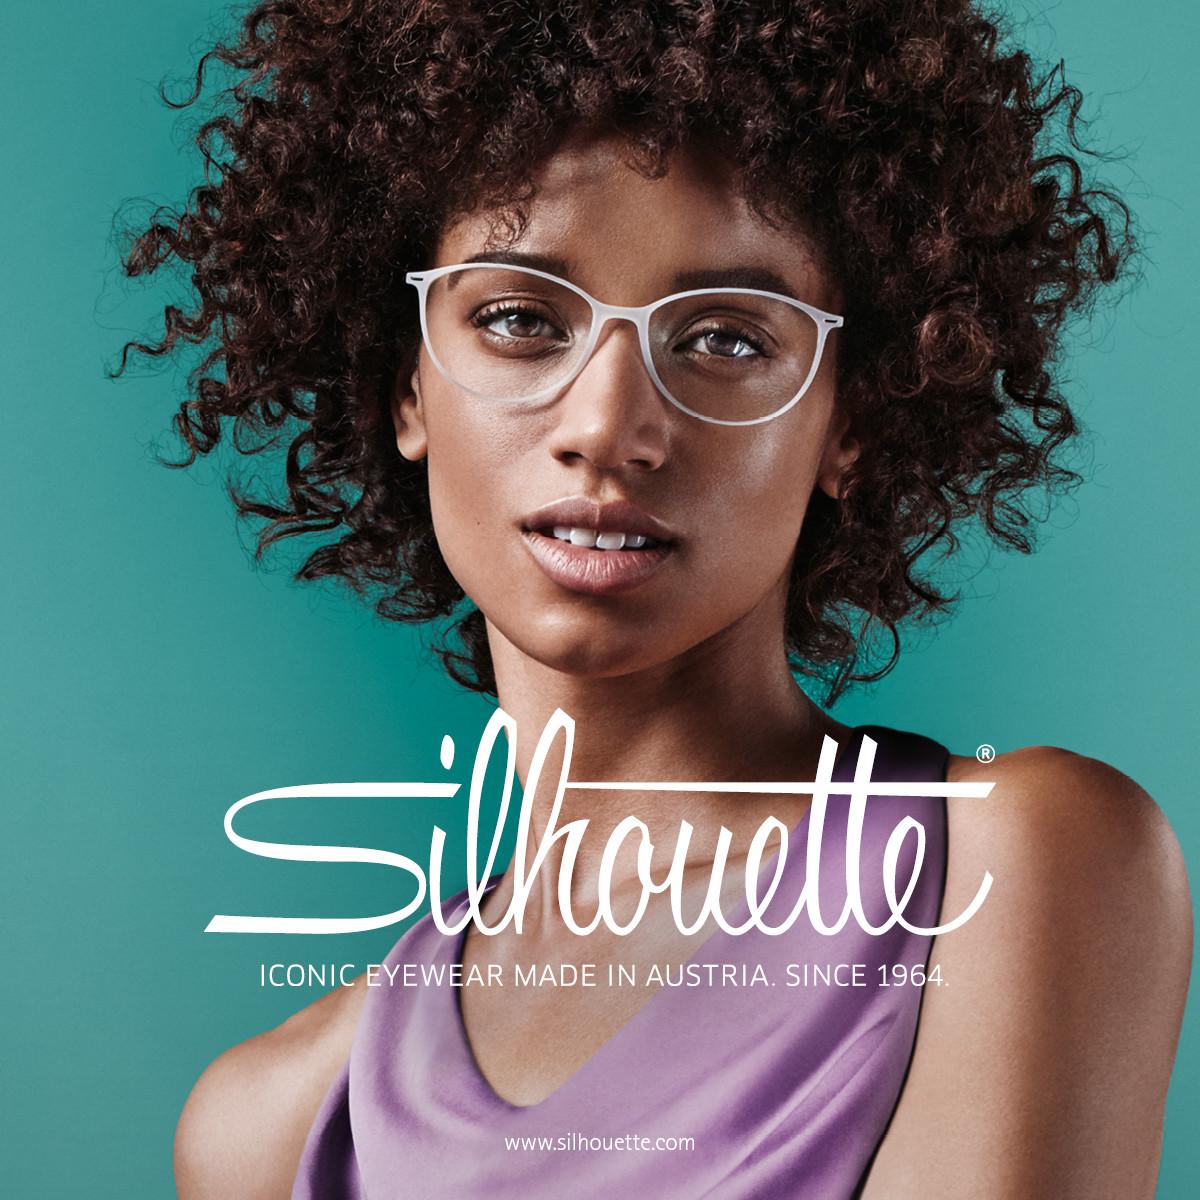 c17f1083b V Silhouette radi posúvajú hranice a ponúkajú nositeľom také ľahké  materiály, vďaka ktorým zabudnete, že nosíte okuliare. Silluette ponúka  celú radu ...